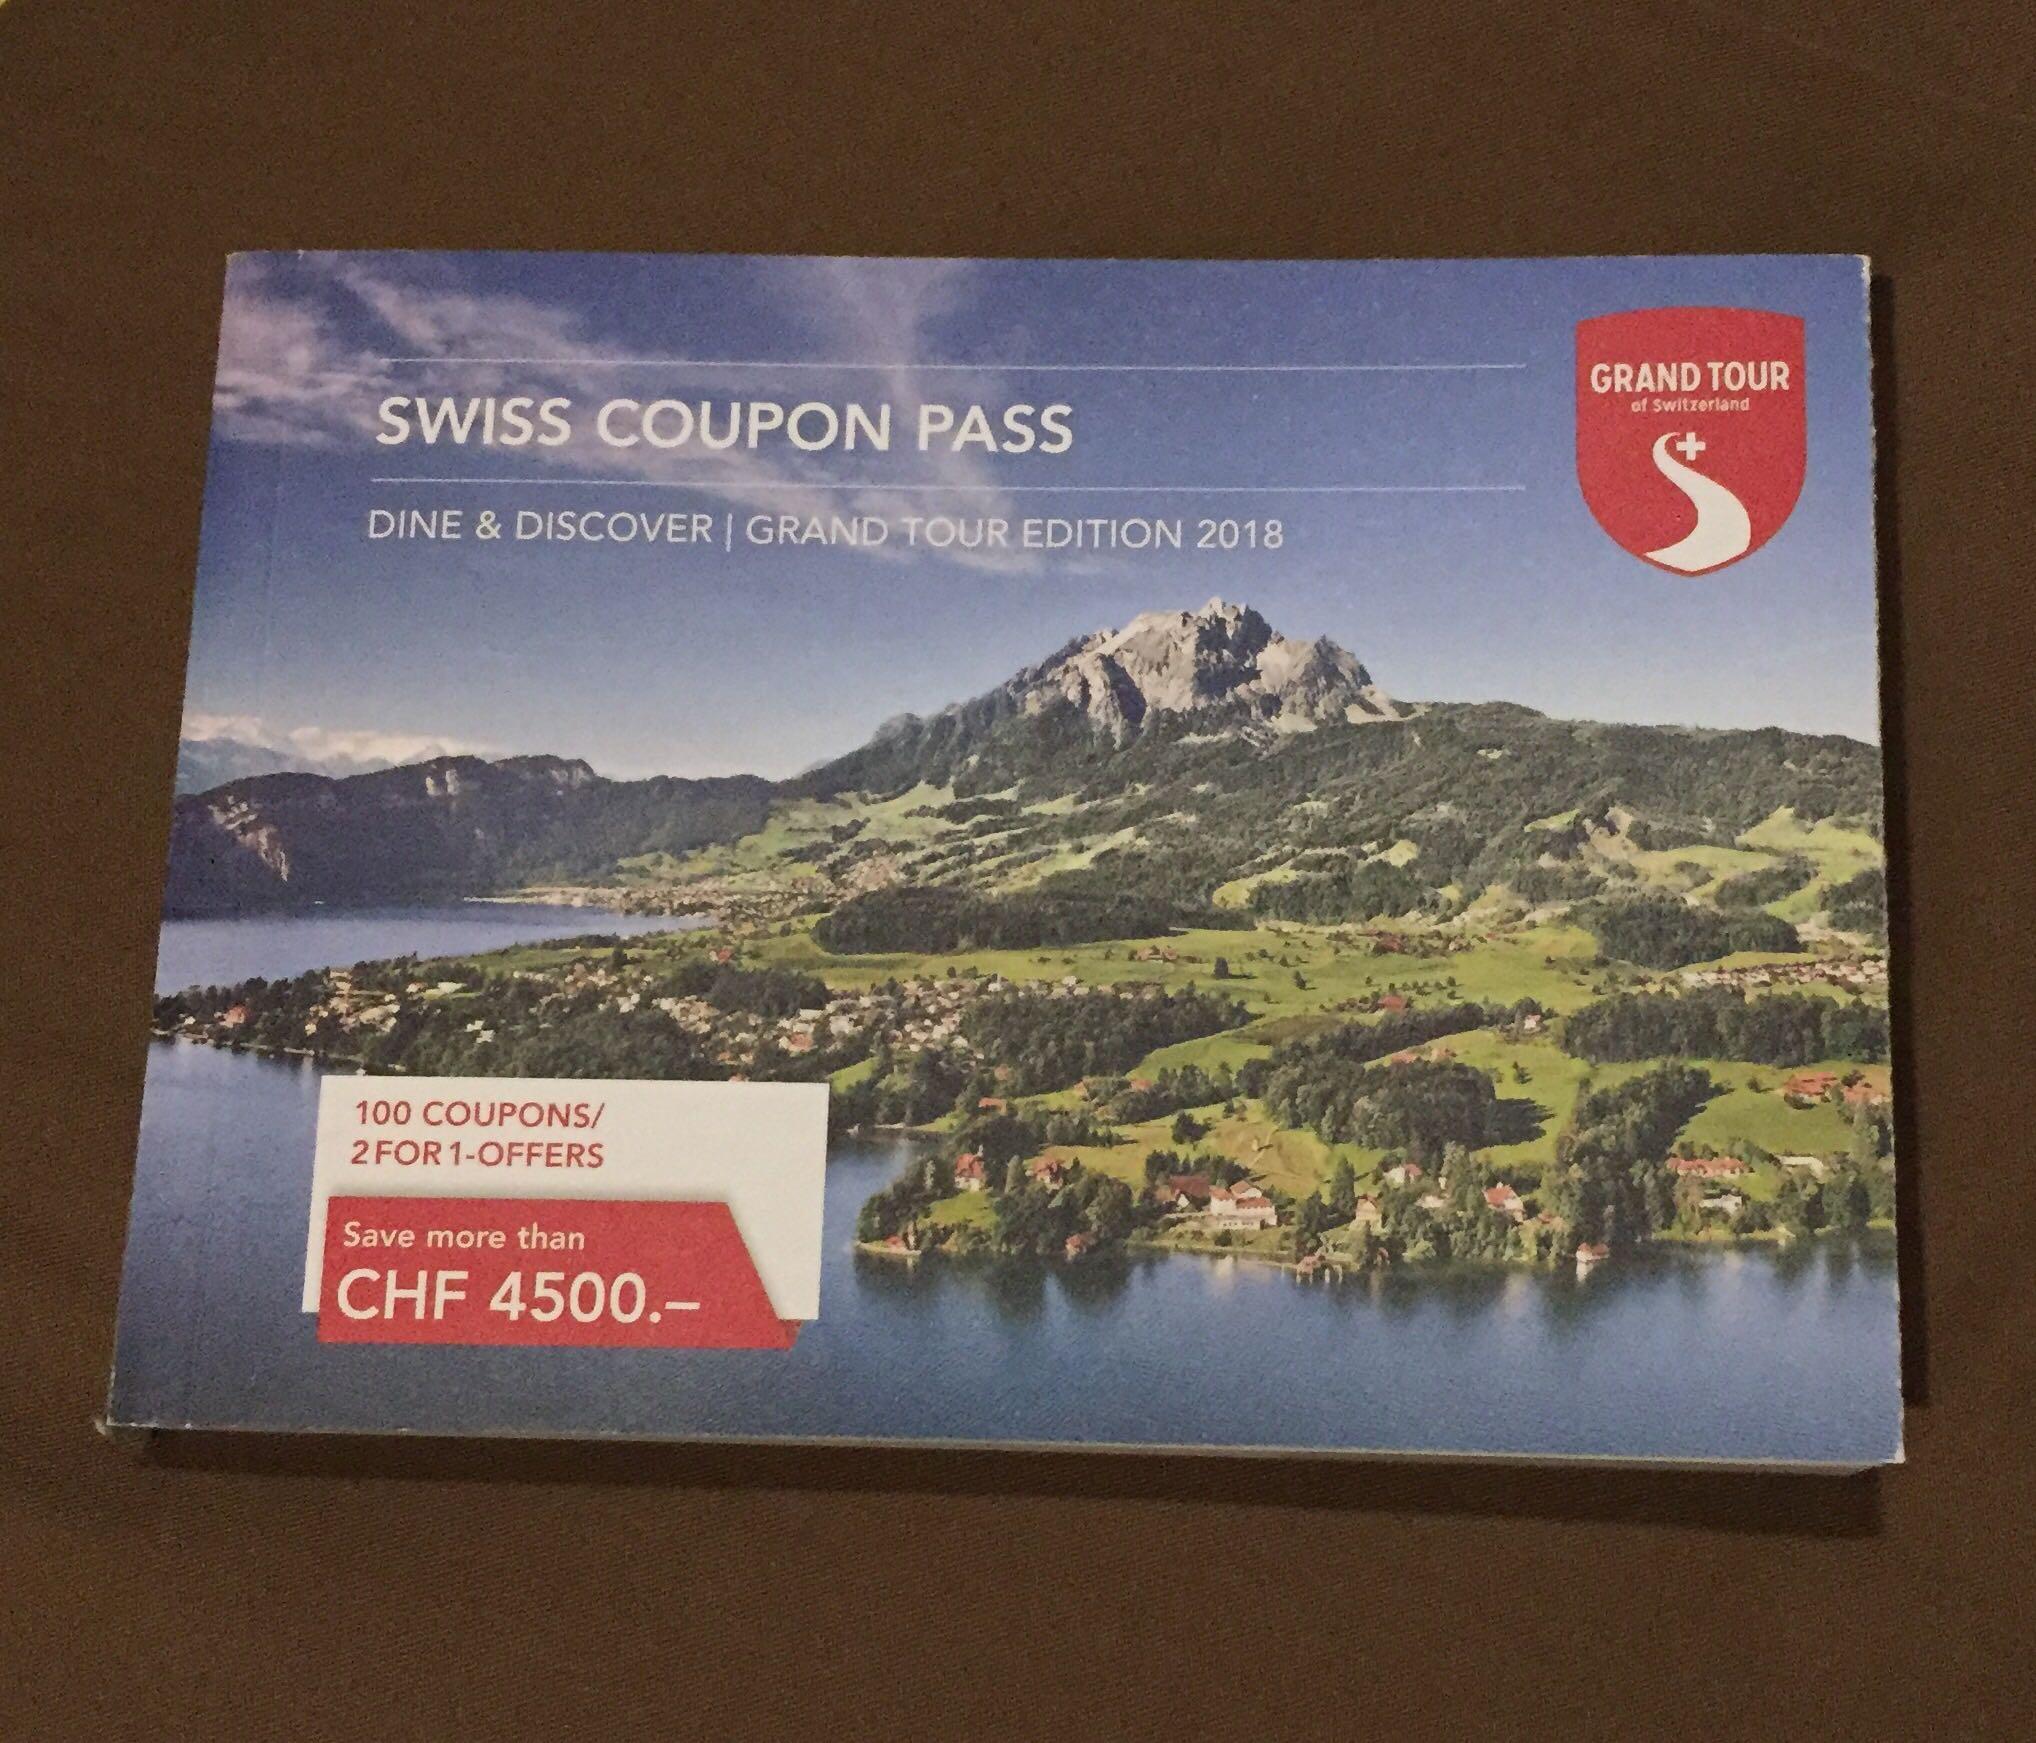 swiss coupon pass pantip